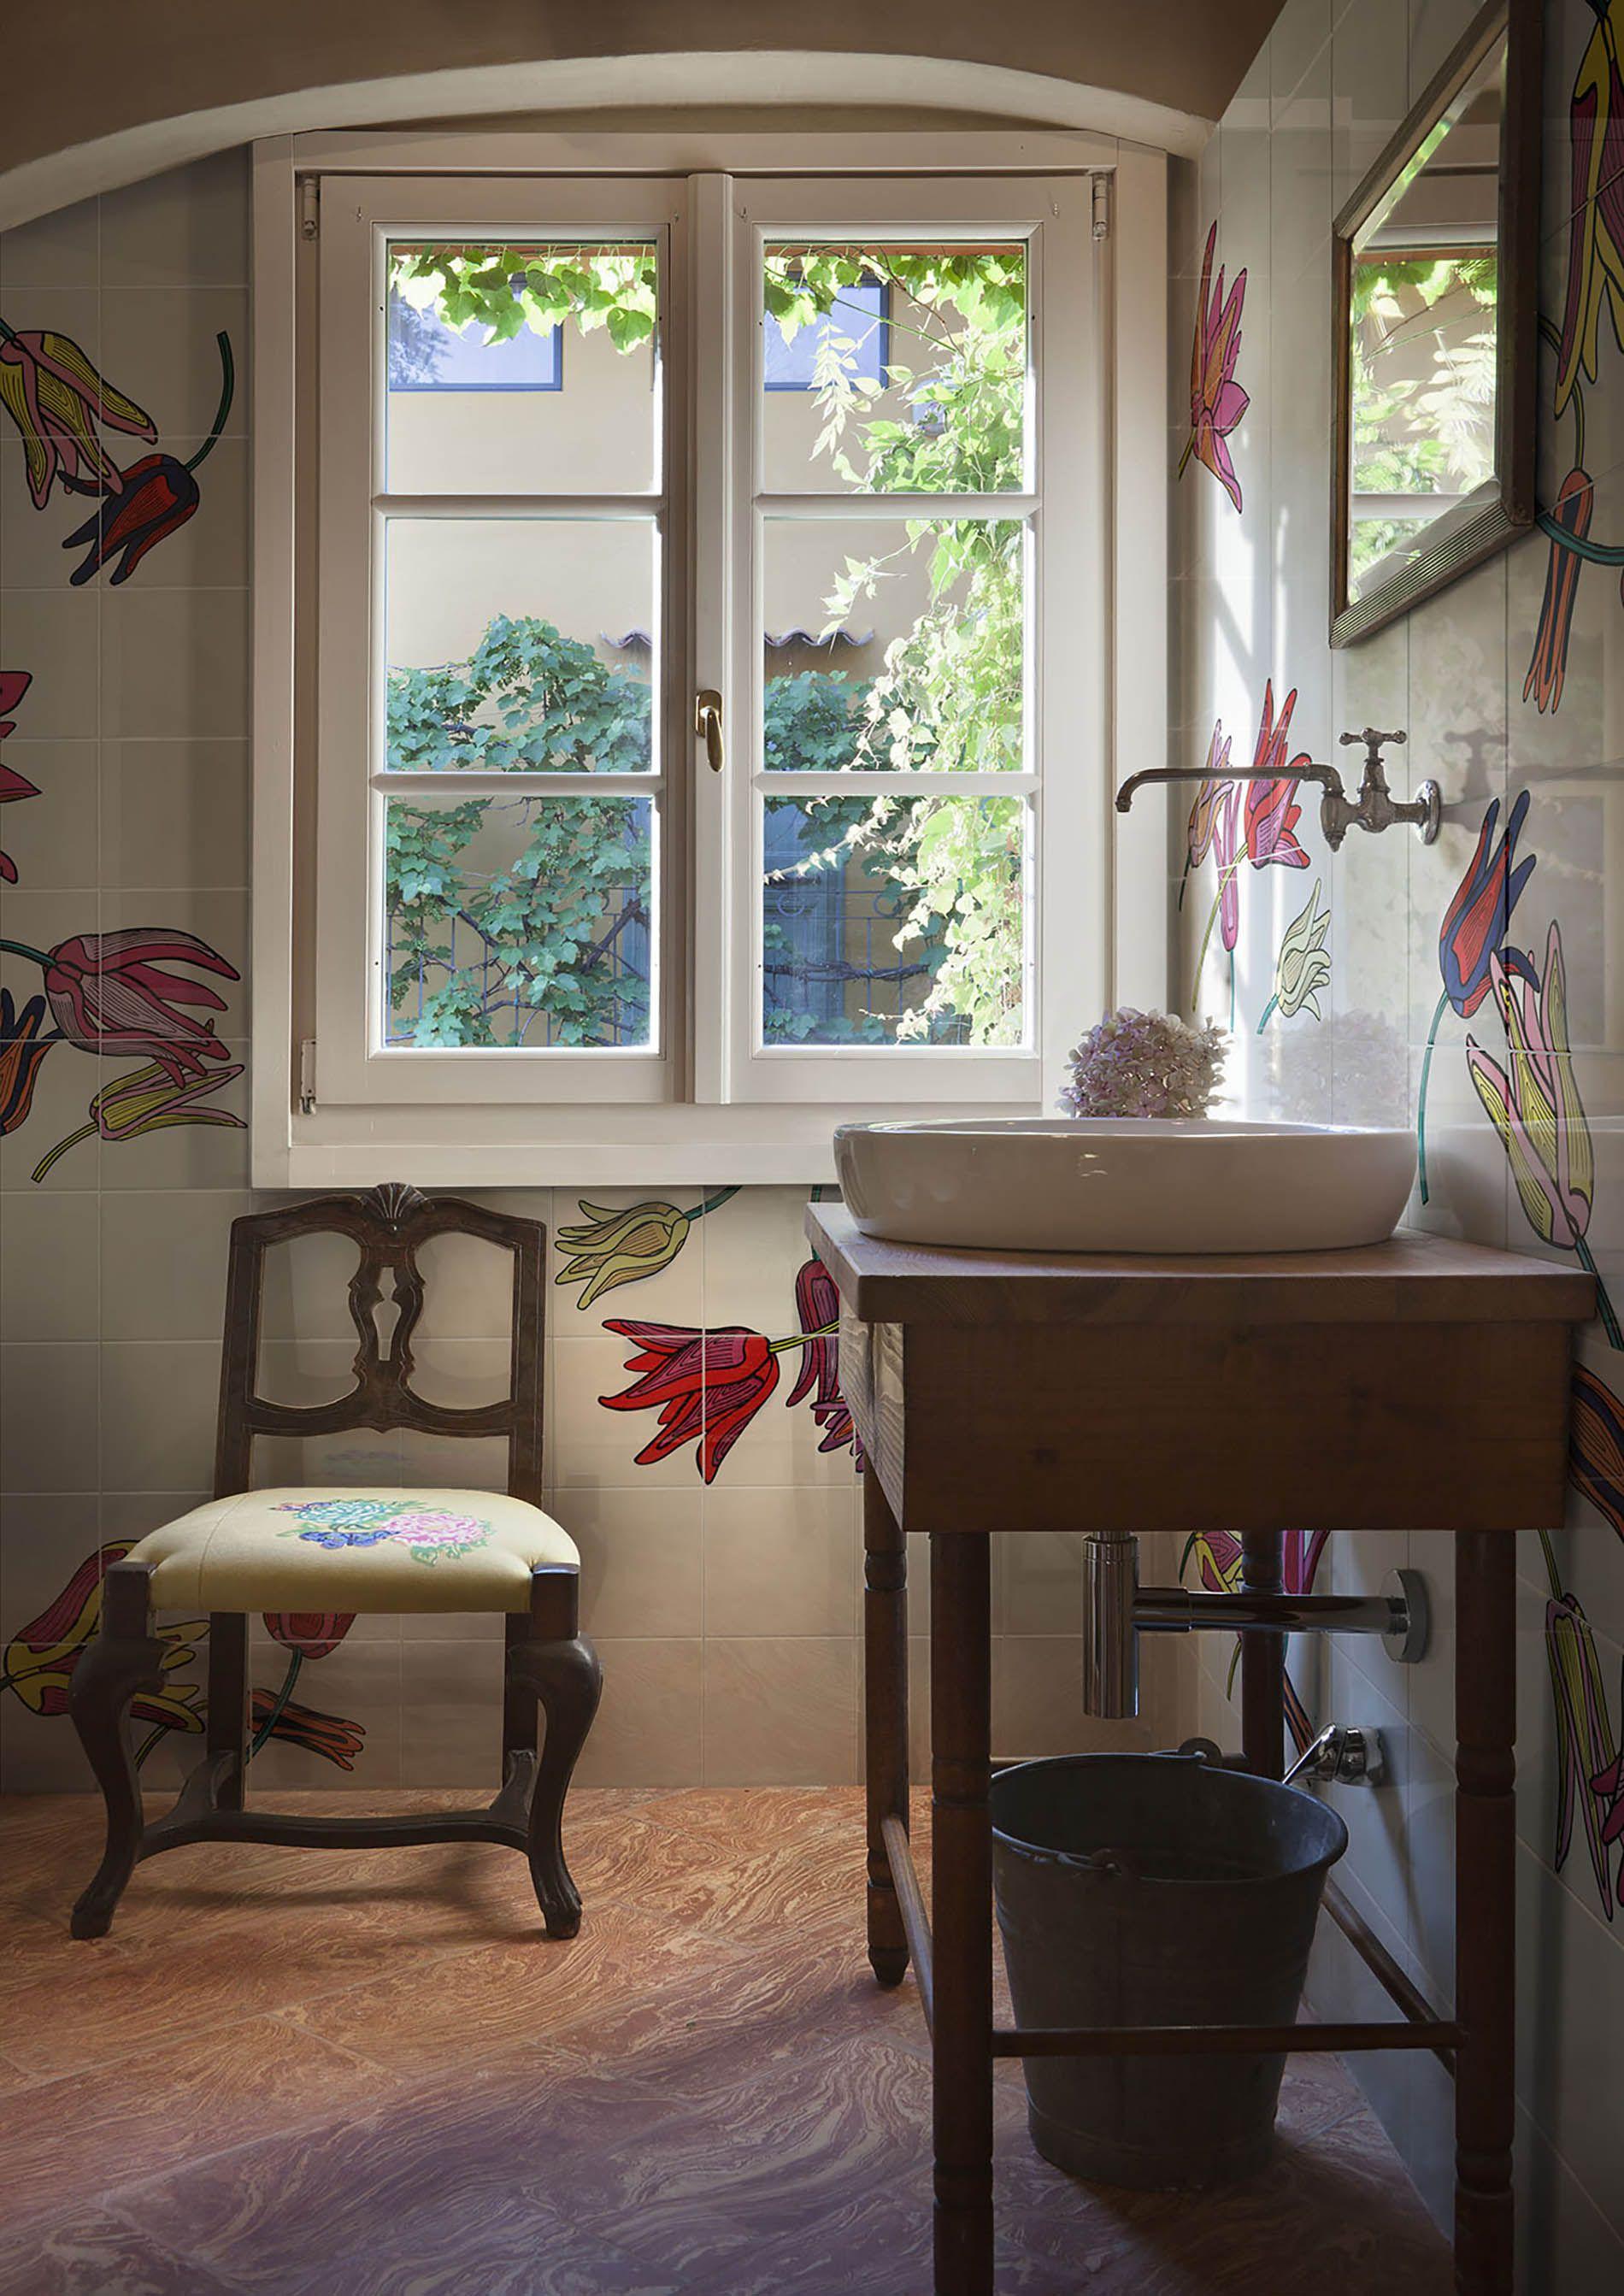 piastrelle con decorazione floreale colorata in stile pop dipinta a ...